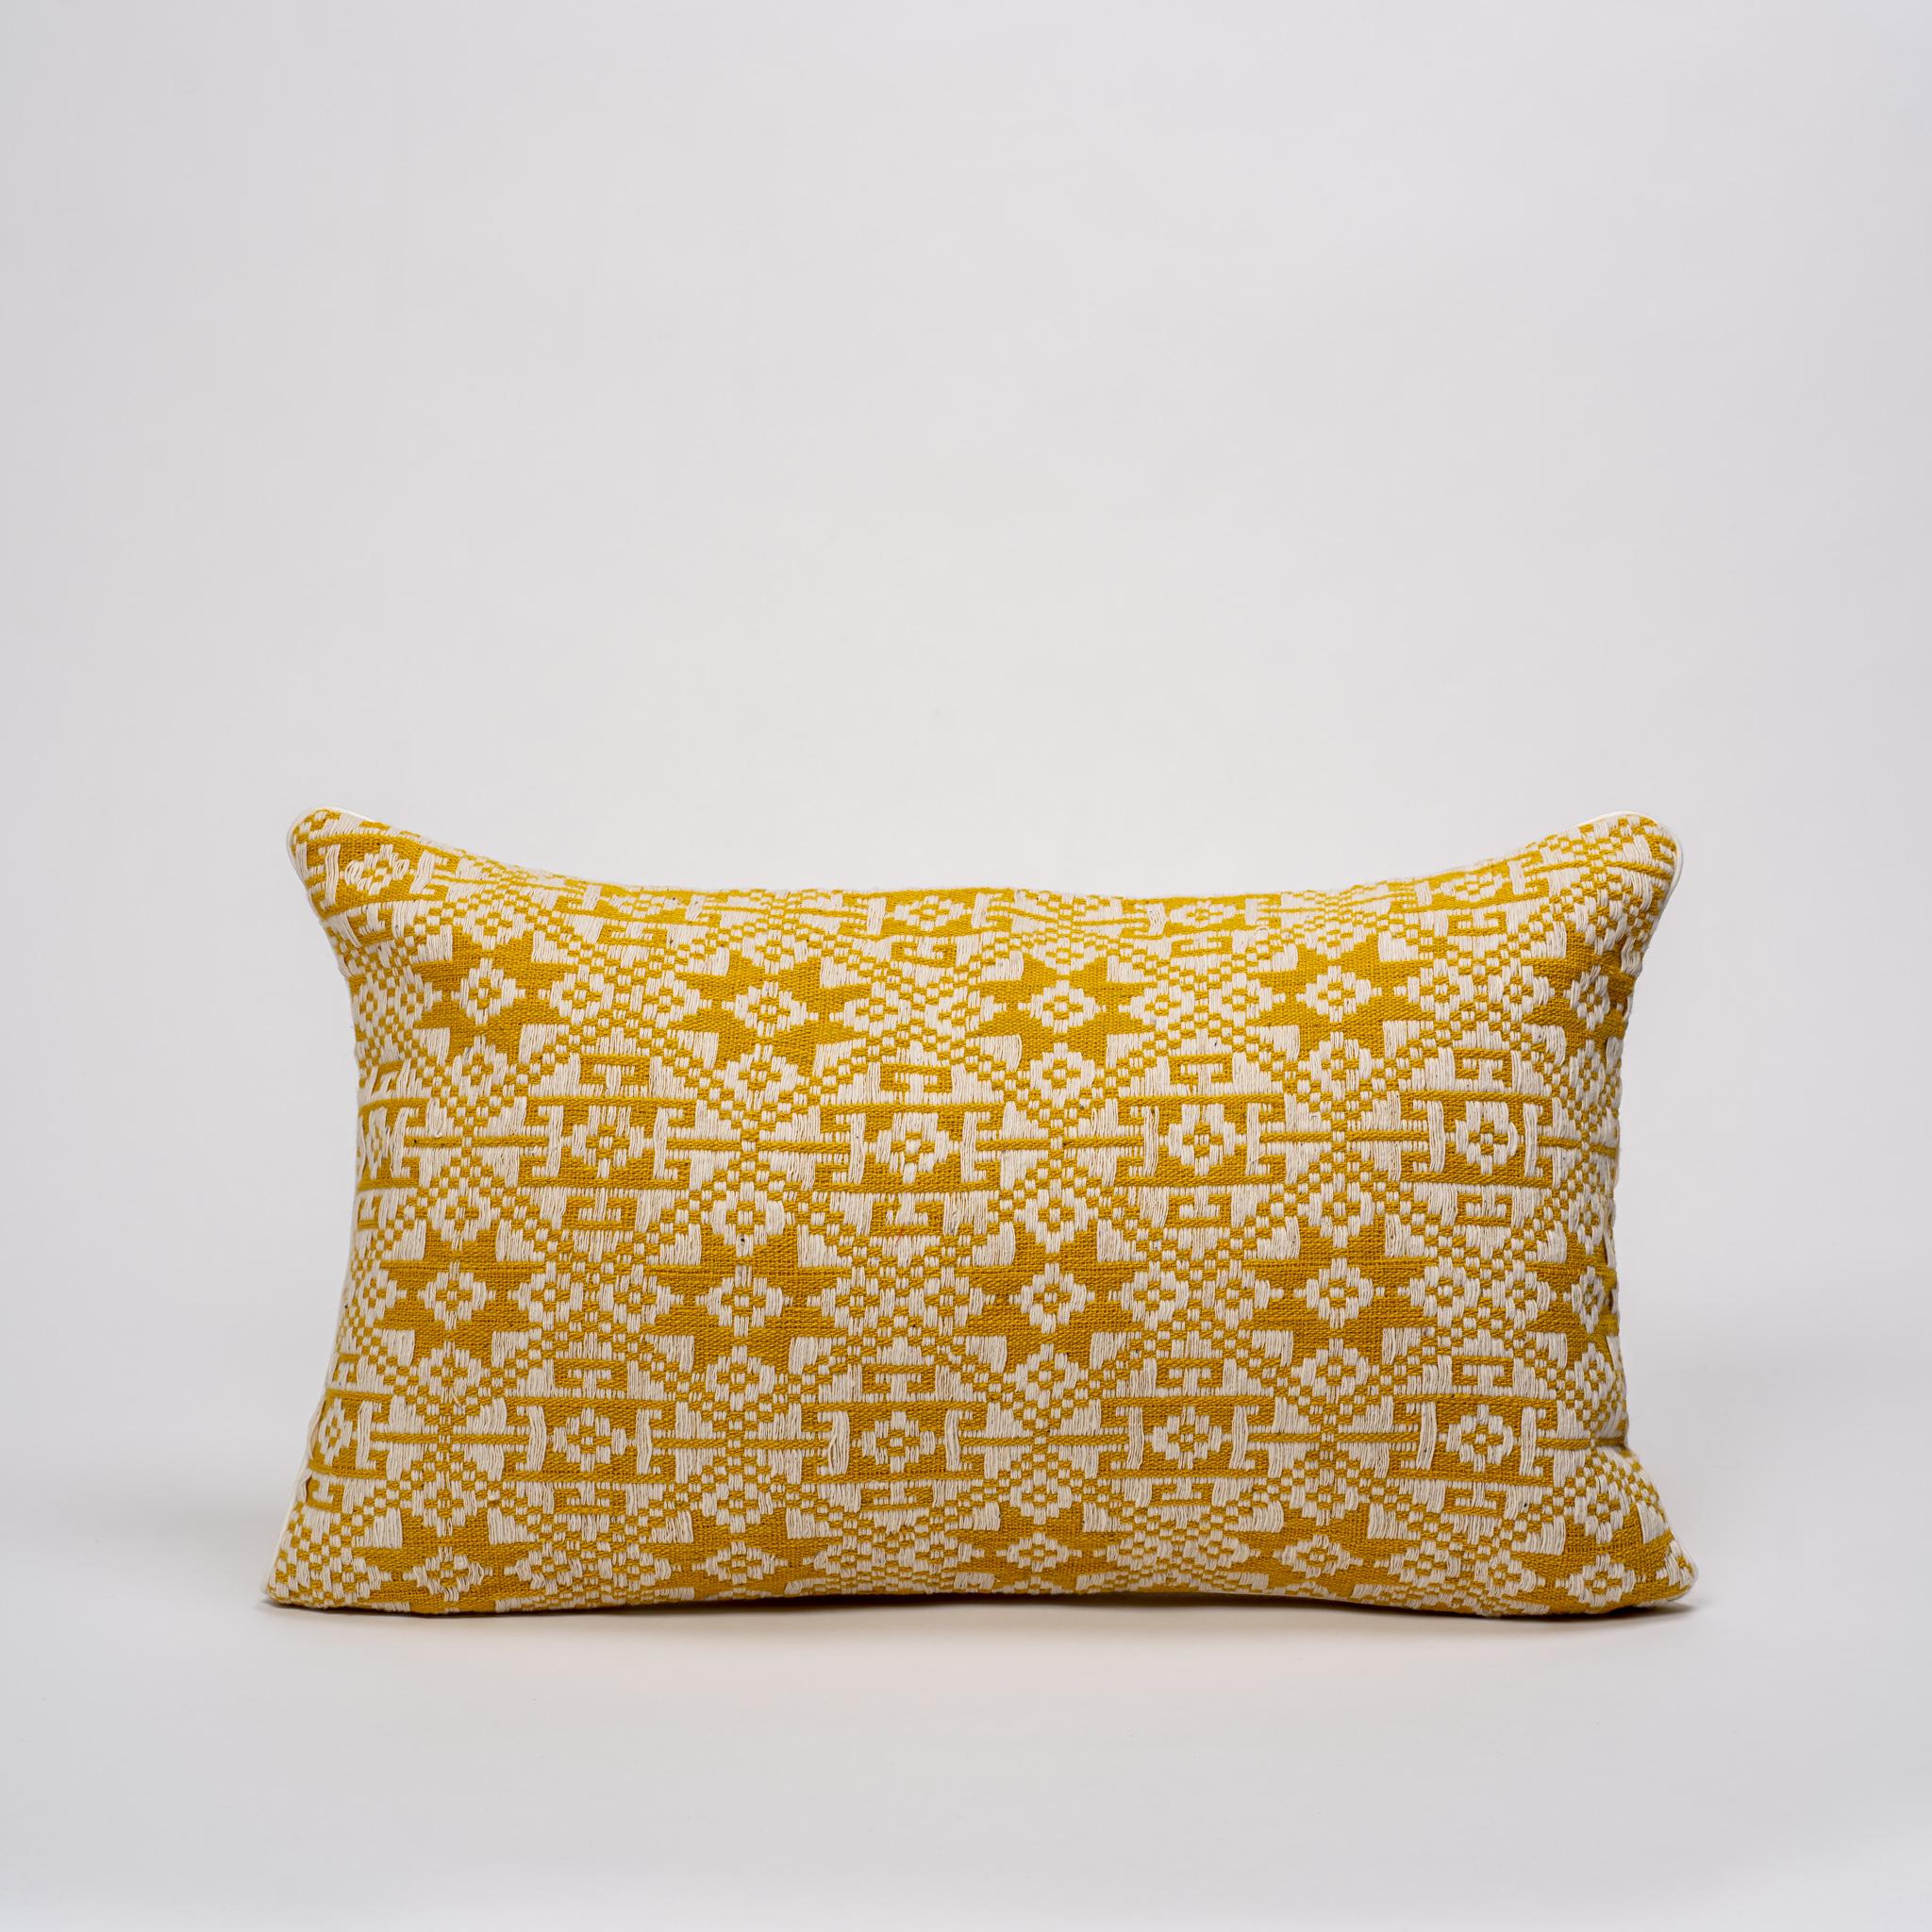 Coussin décoratif et artisanal